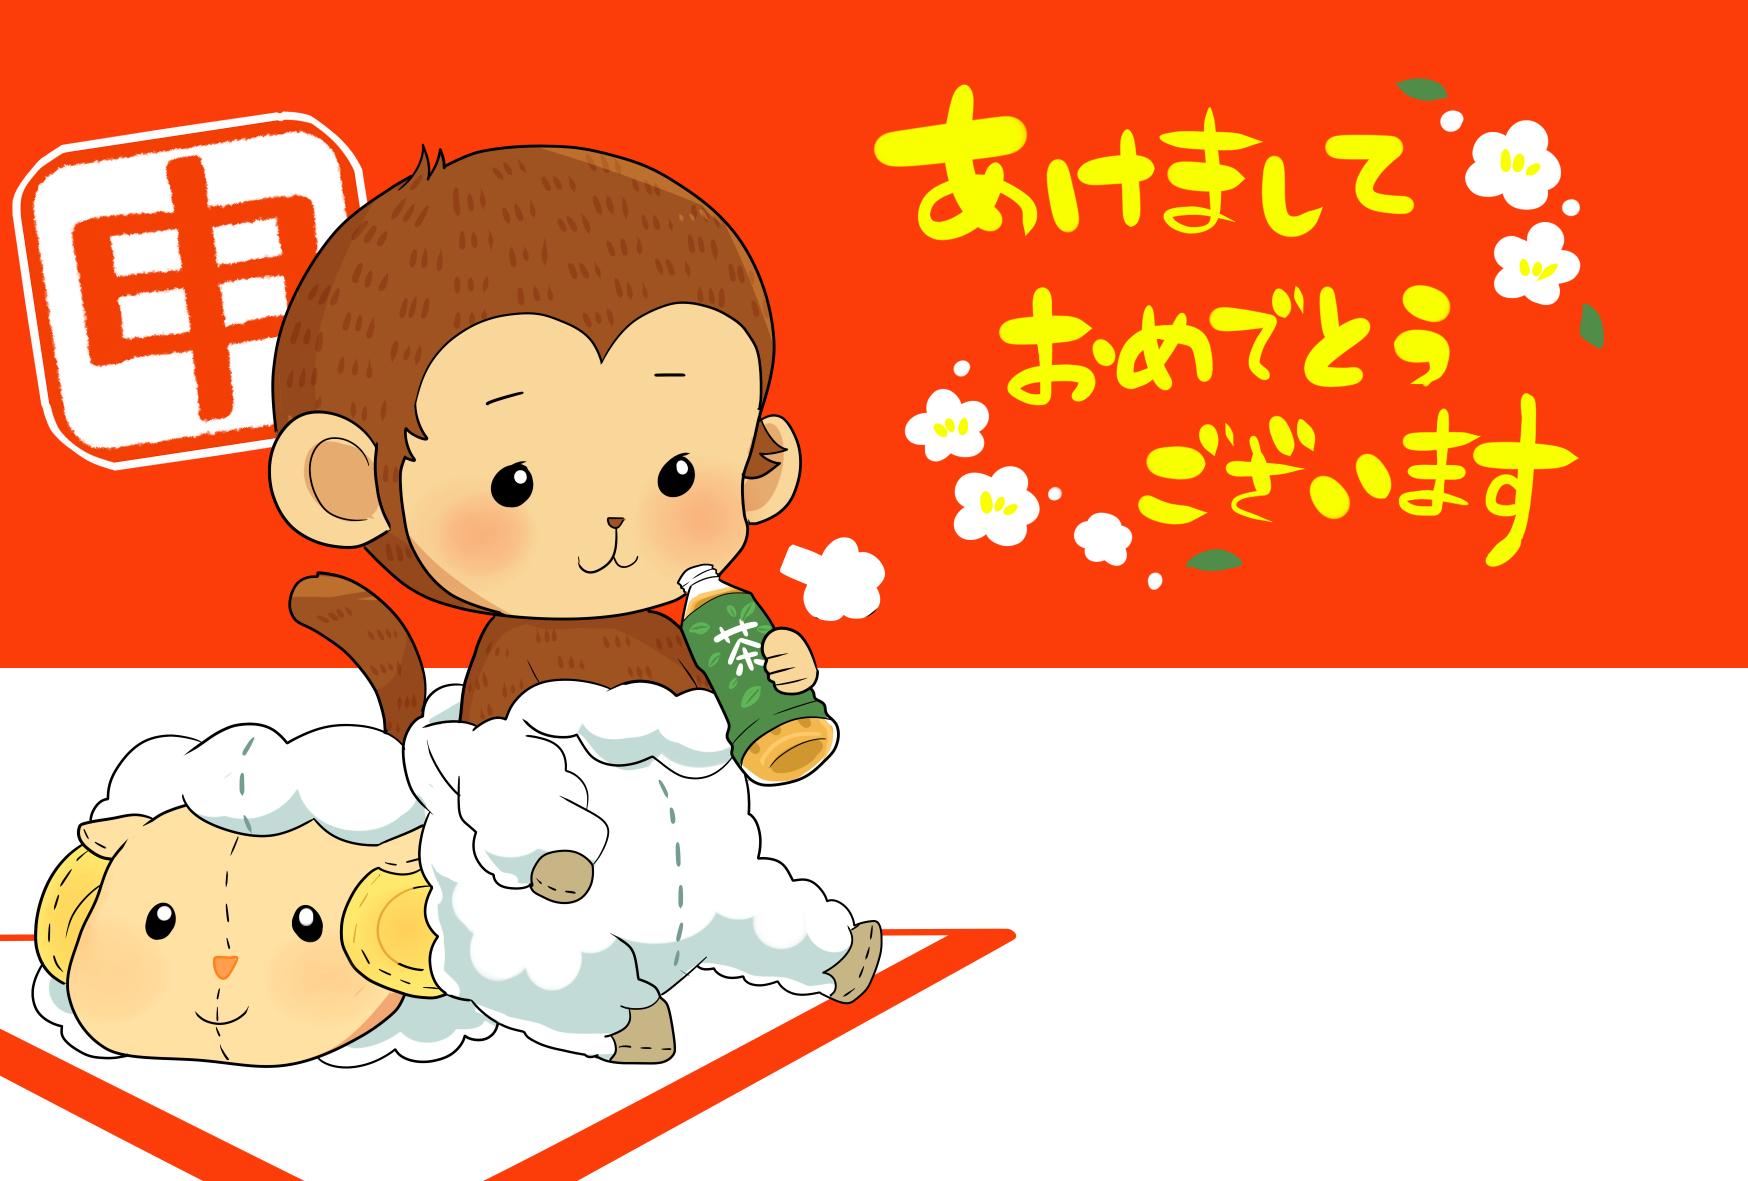 無料猿の年賀状】羊の着ぐるみを脱ぐお猿さん